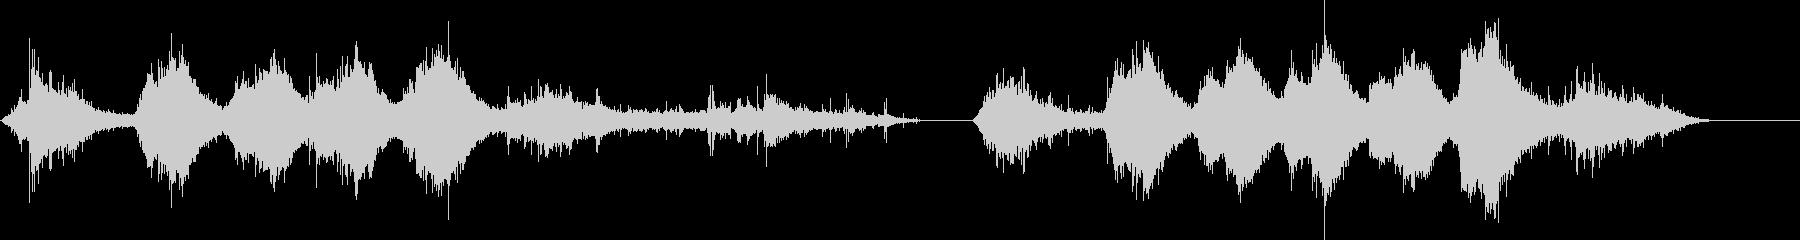 イルカ-屋内プール2の未再生の波形